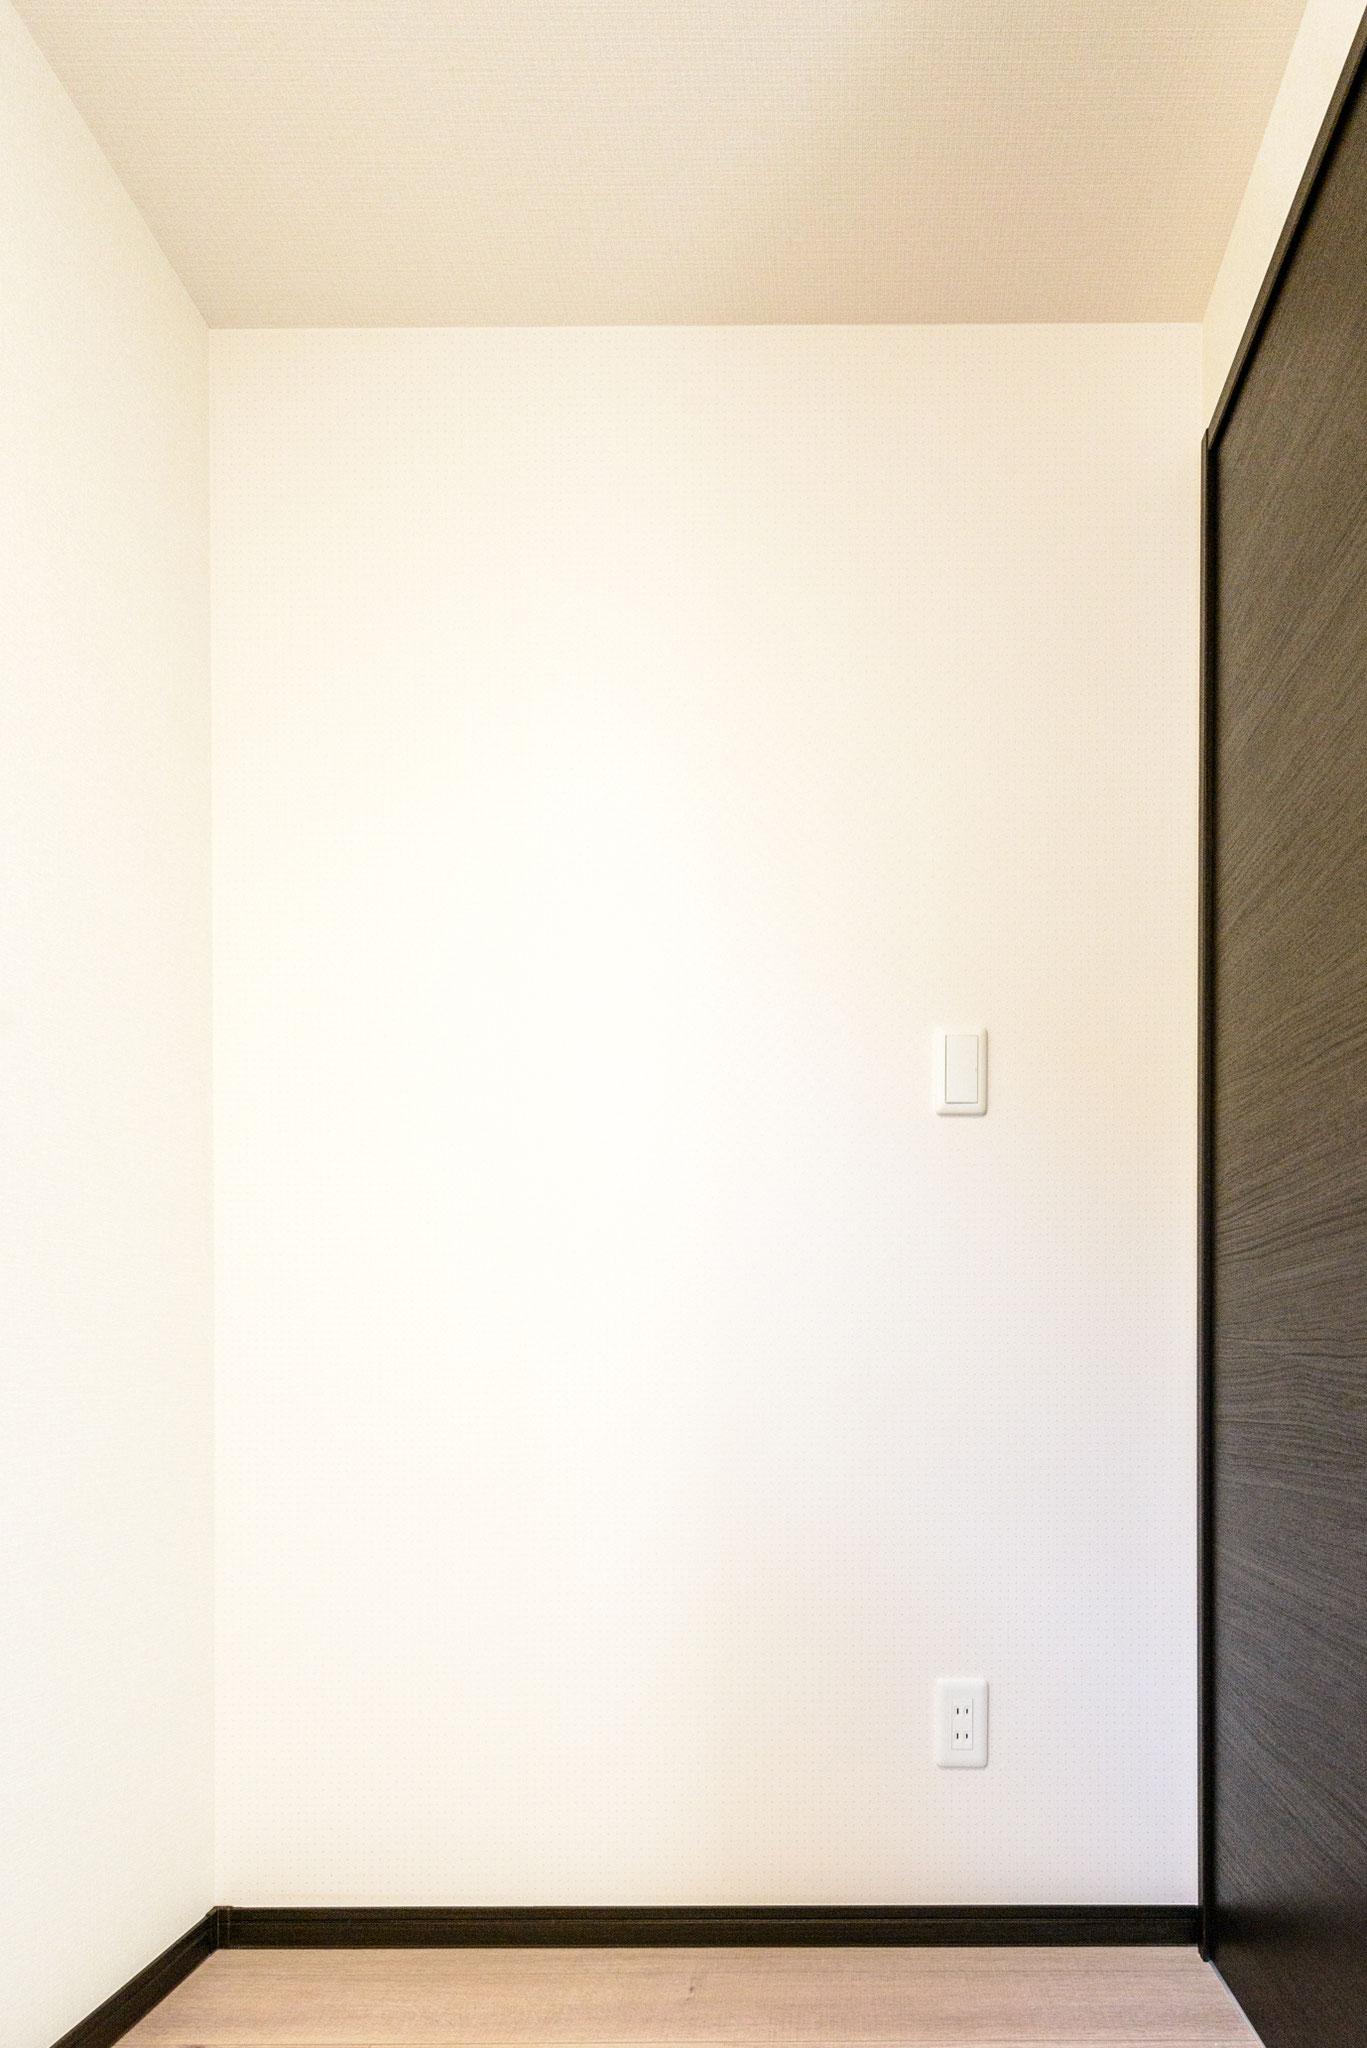 コンセント・スイッチ(ベッドで就寝時に手の届く範囲を考慮して配置しました)